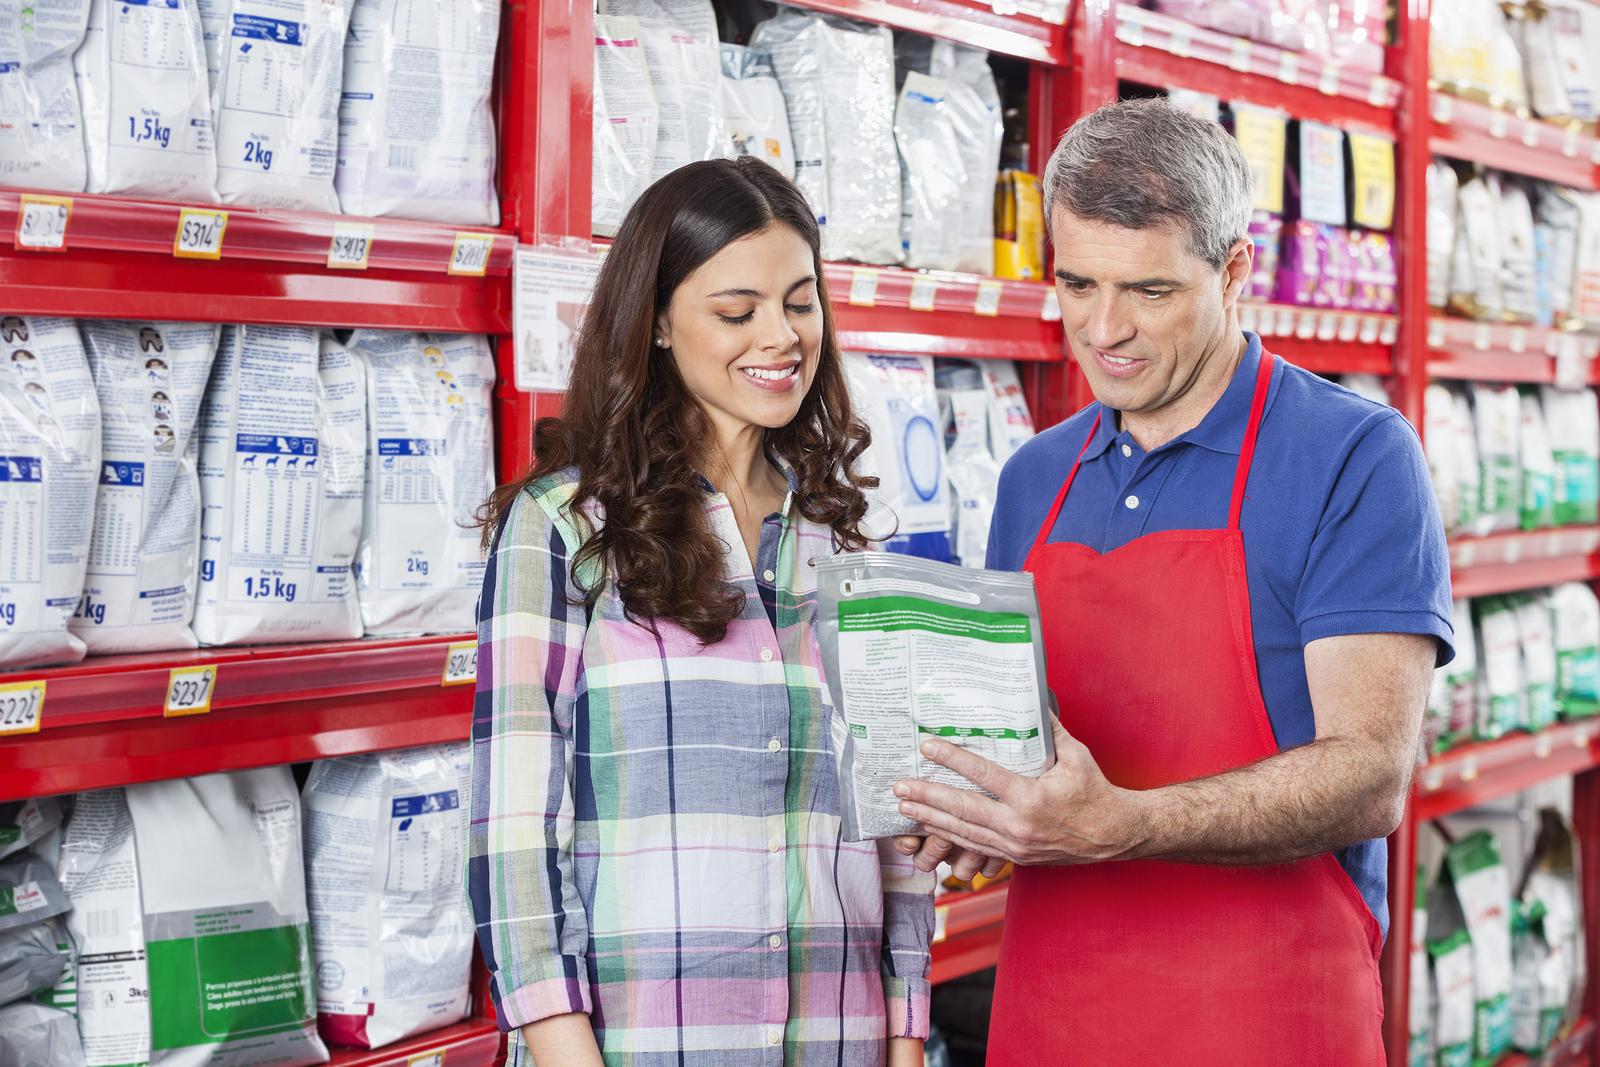 Retail Customer Service Jobs: Create a Winning Job Description